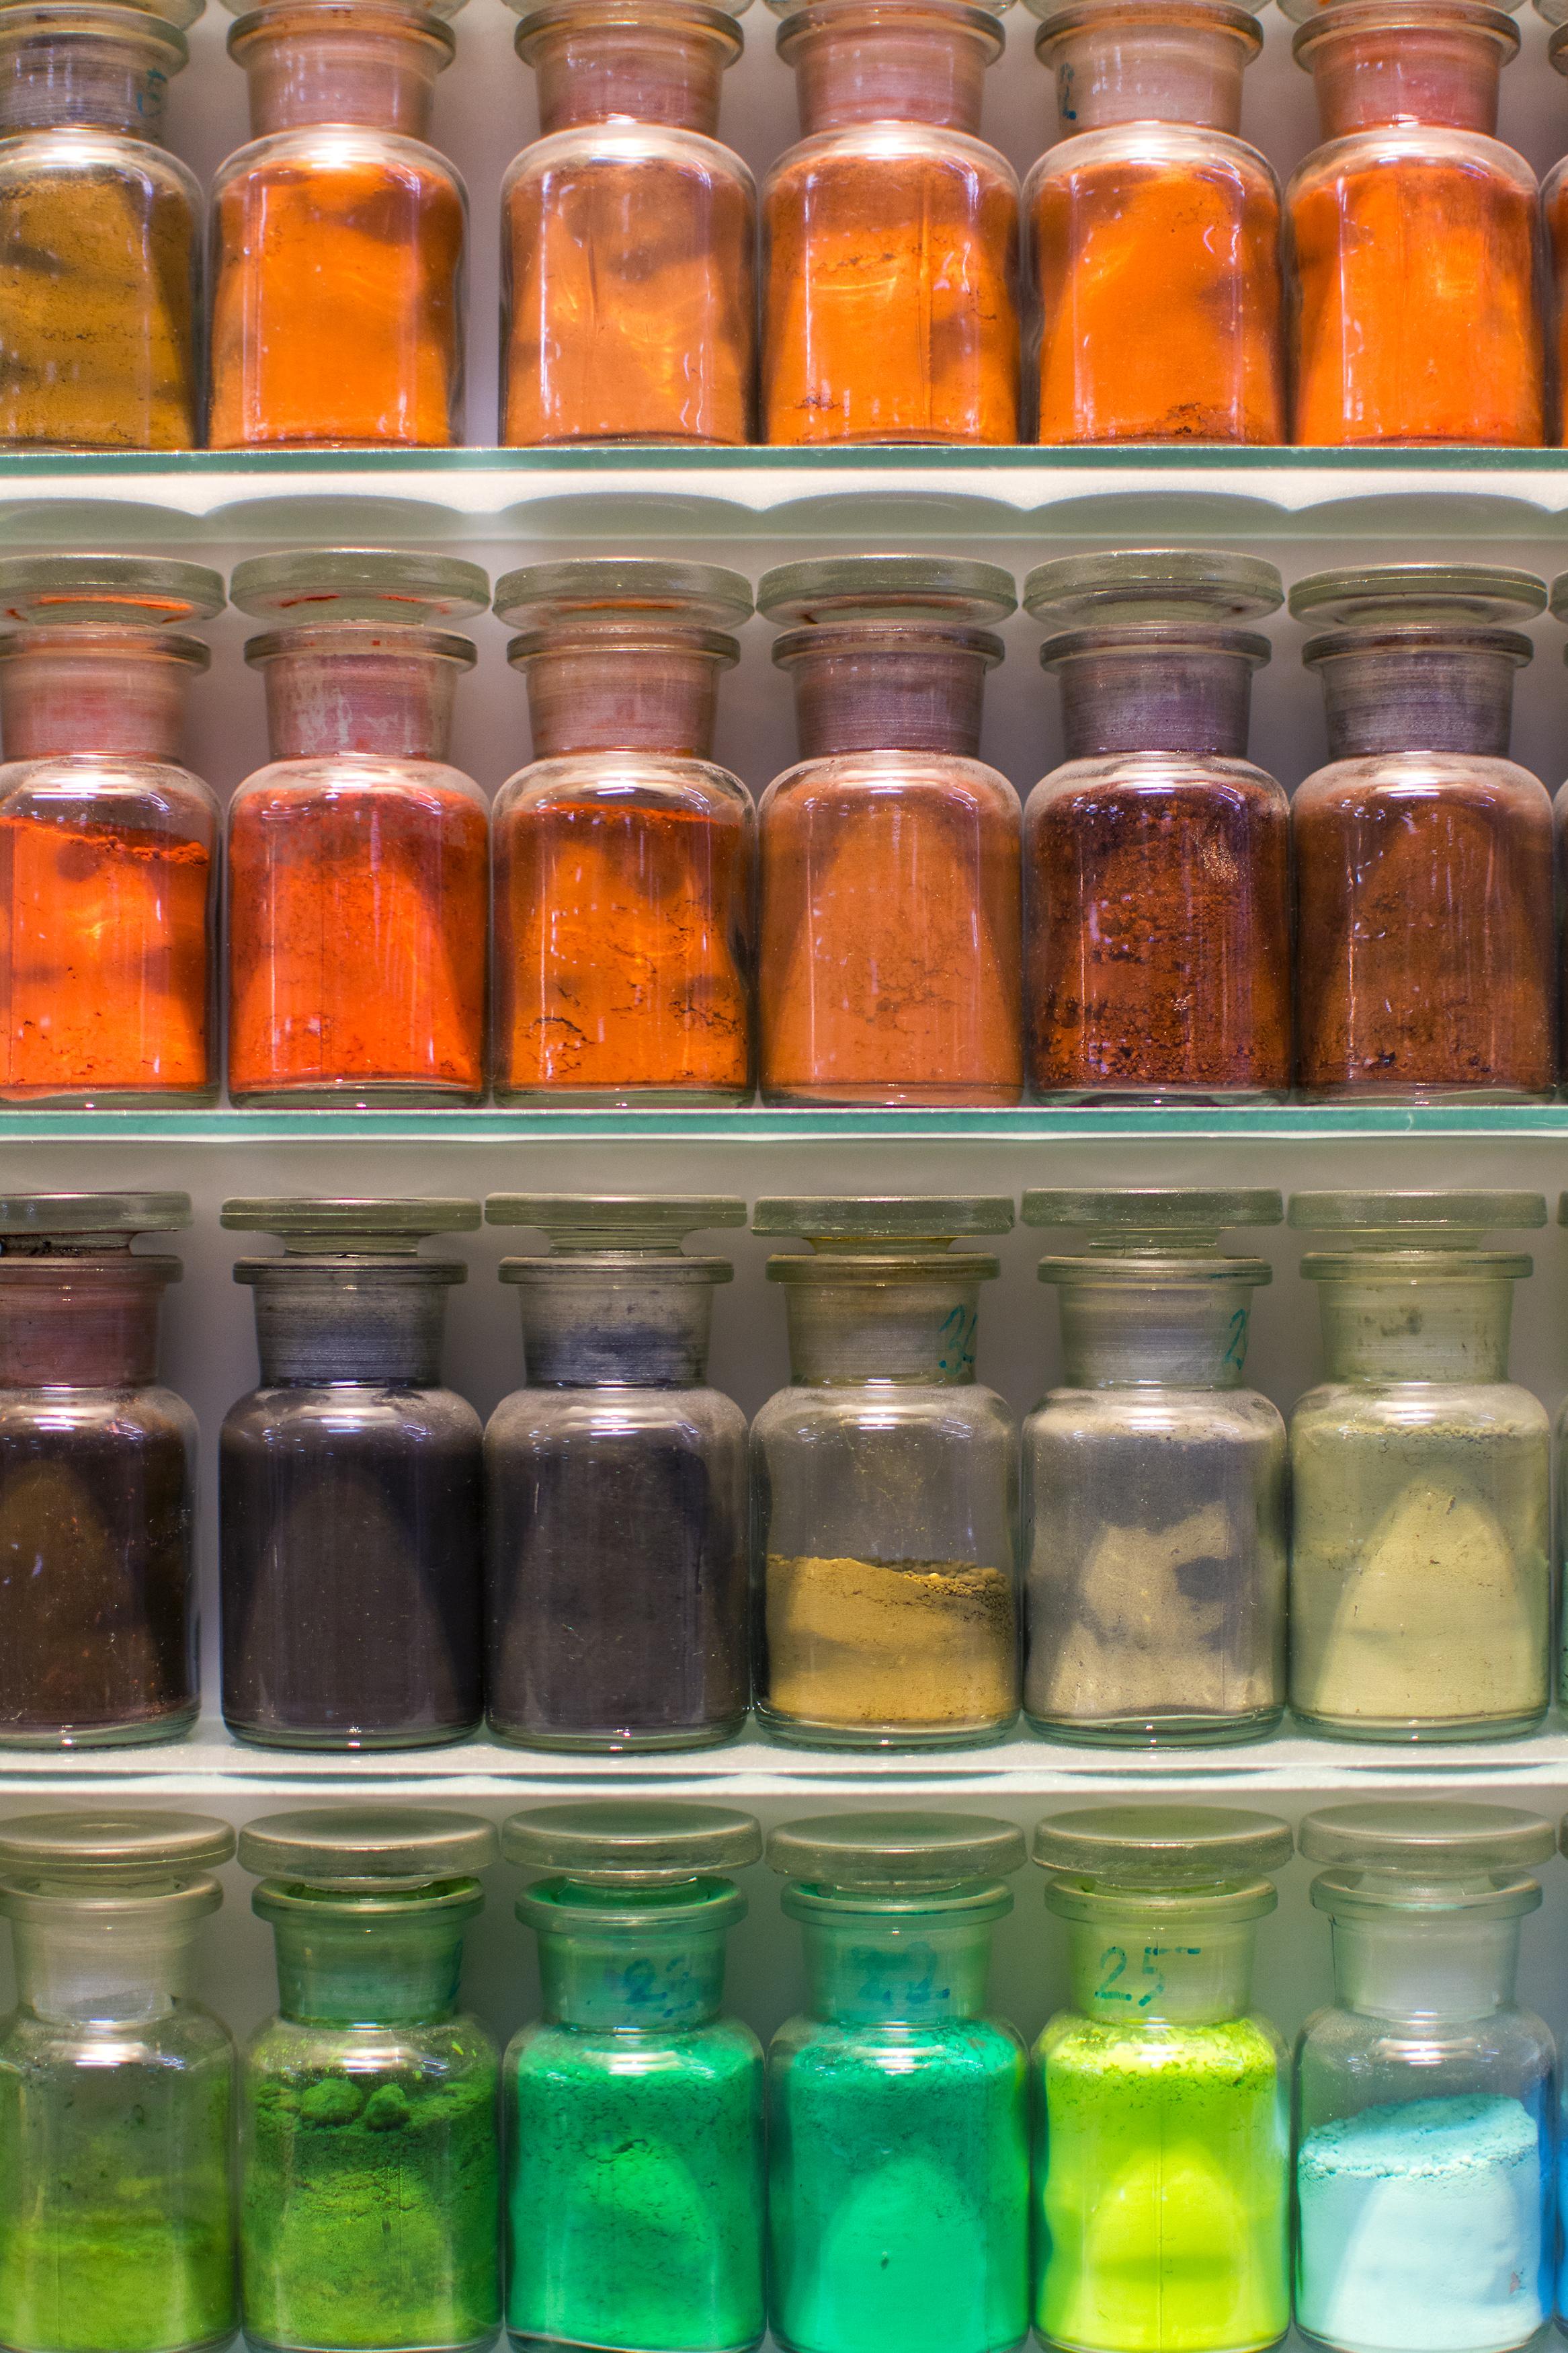 Free Image: Dry Colors - Color Powder | Libreshot Public Domain Photos